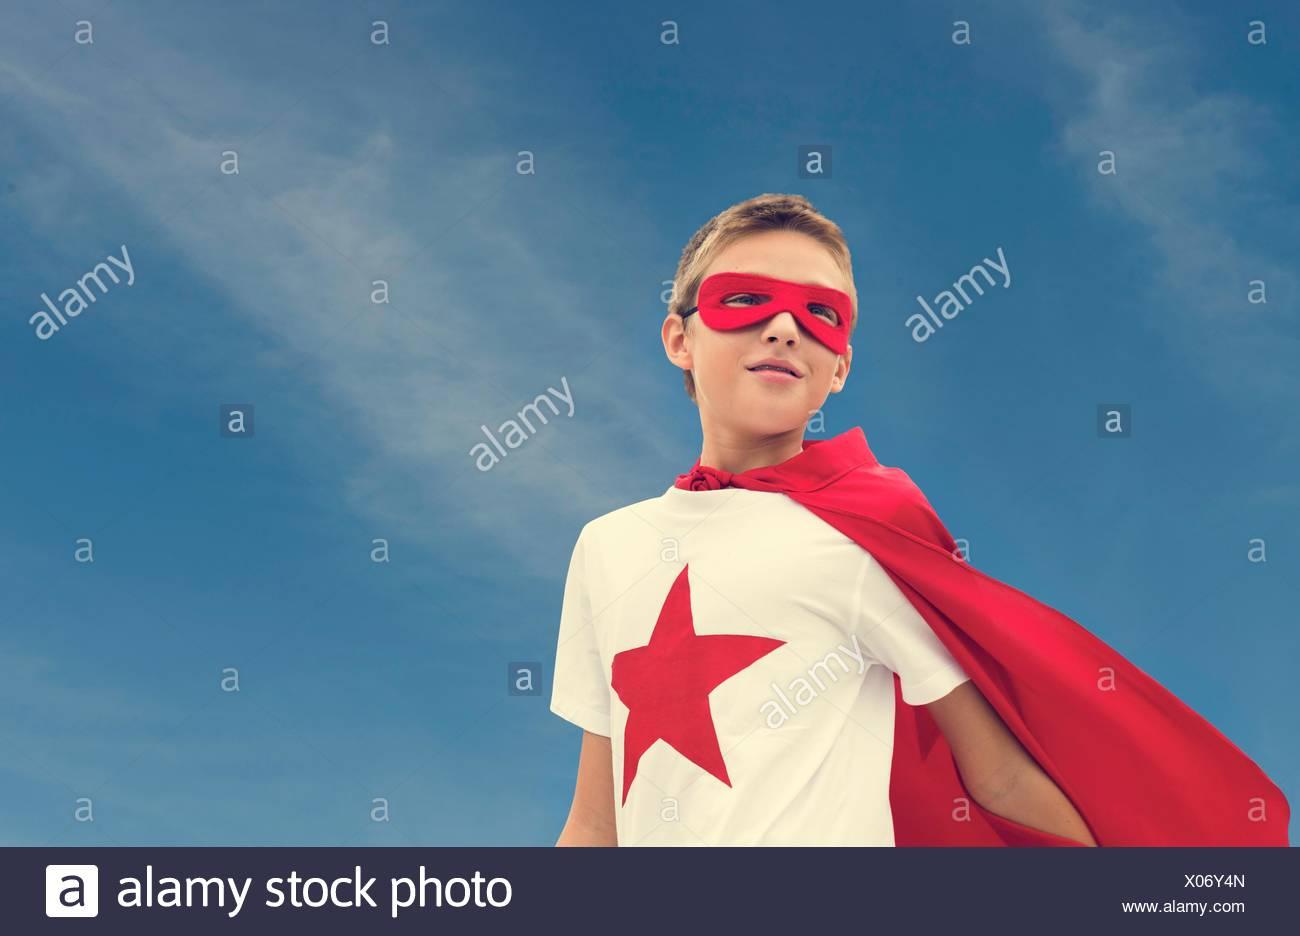 Superhéroe Boy imaginación libertad felicidad concepto Imagen De Stock